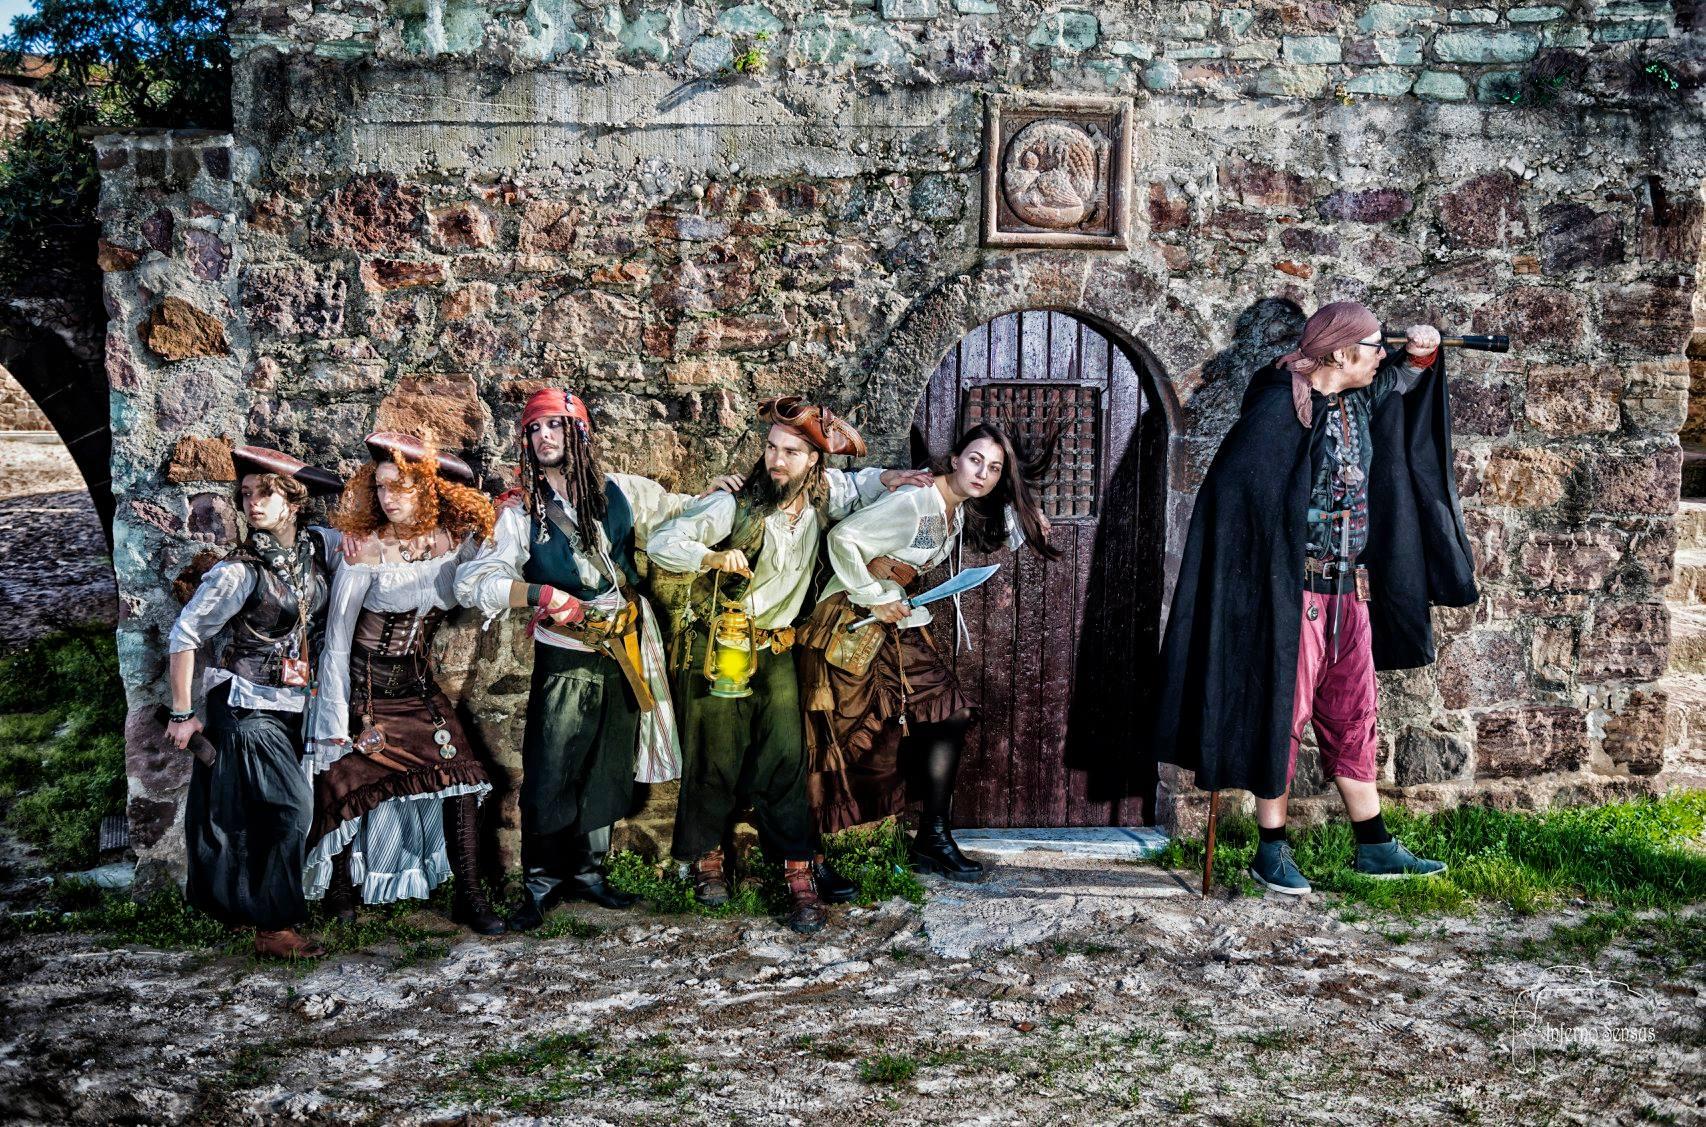 spectacle pirate, spectacle pirate enfant Spectacle de rue et déambulations pirates, déambulation échasses, spectacle pirate, spectacle enfant, spectacle interactif, jongleur, magiciens, pirate, pirates sur échasses, déambulations pirates, compagnie de pirate, équipage de pirates